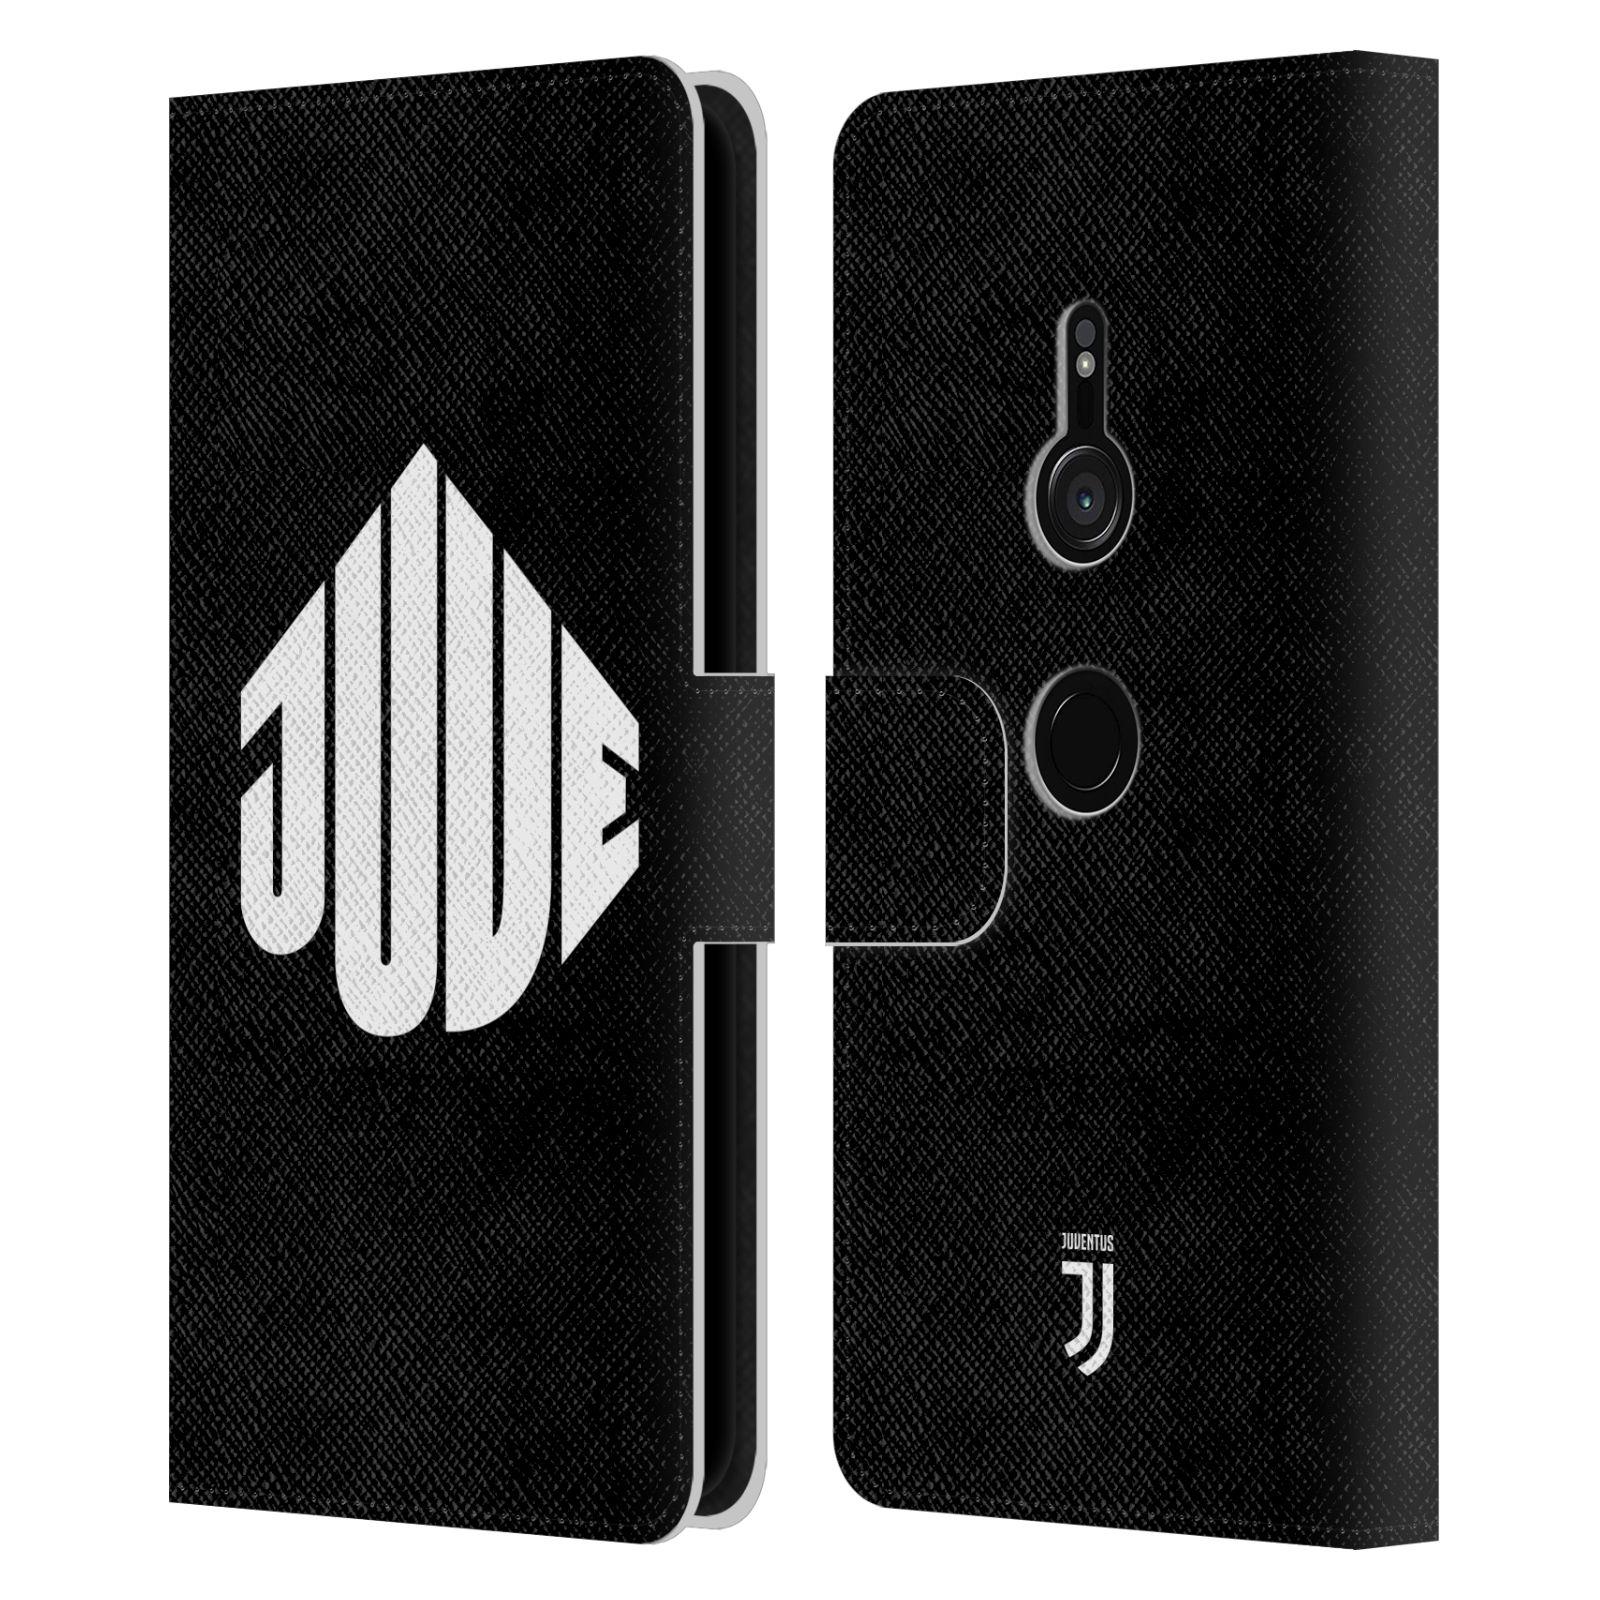 お値打ち価格で 完売 Xperia 1 II 5G L4 5 オフィシャル Juventus Club ストリート Sony レザー手帳型ウォレットタイプケース 電話 Football バッジ